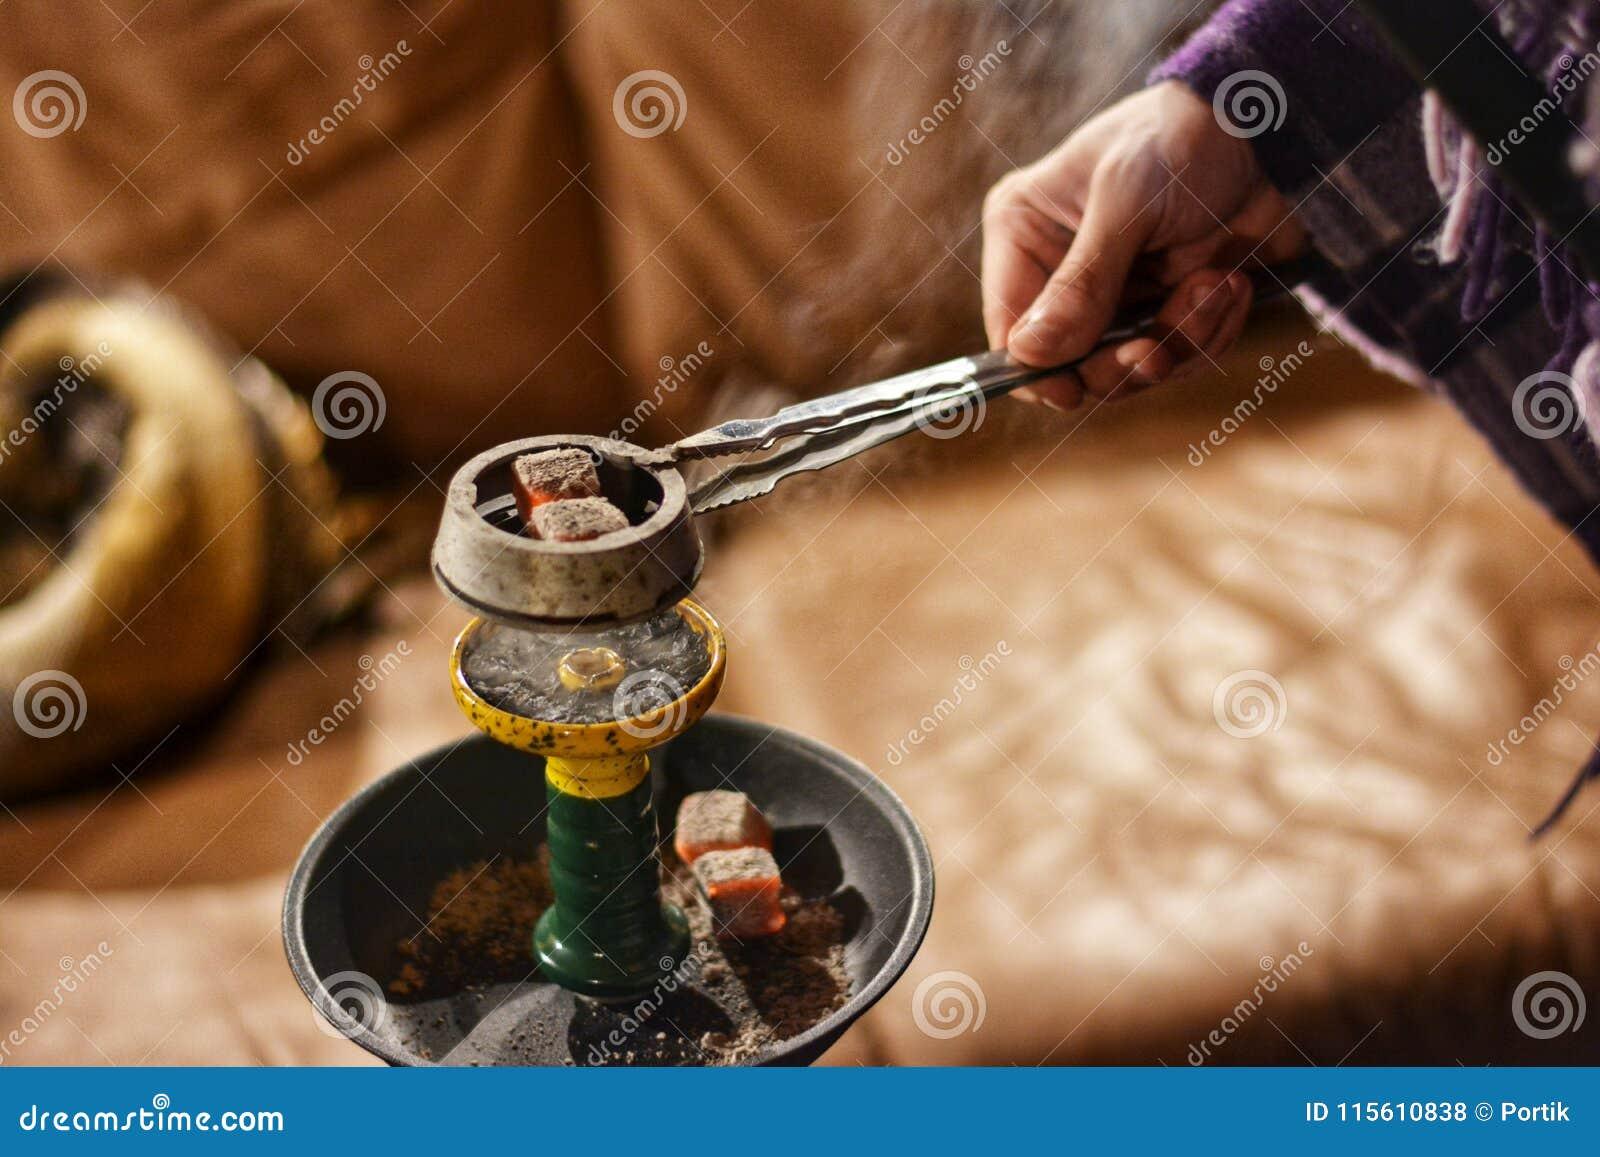 how to heat up hookah coals